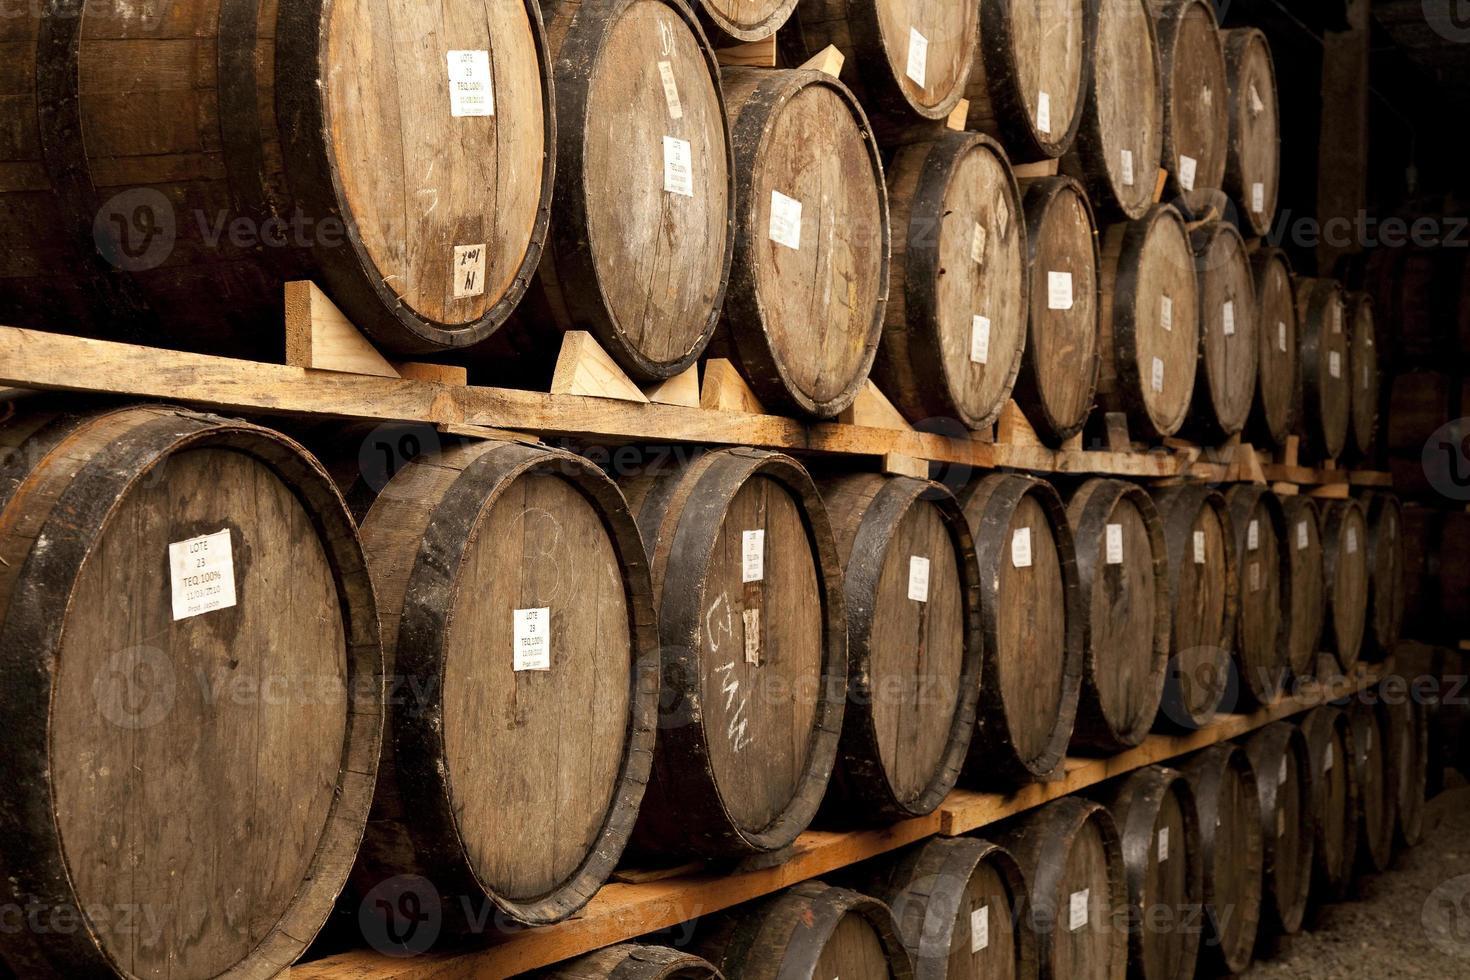 Tequila zu verarbeiten reifen foto